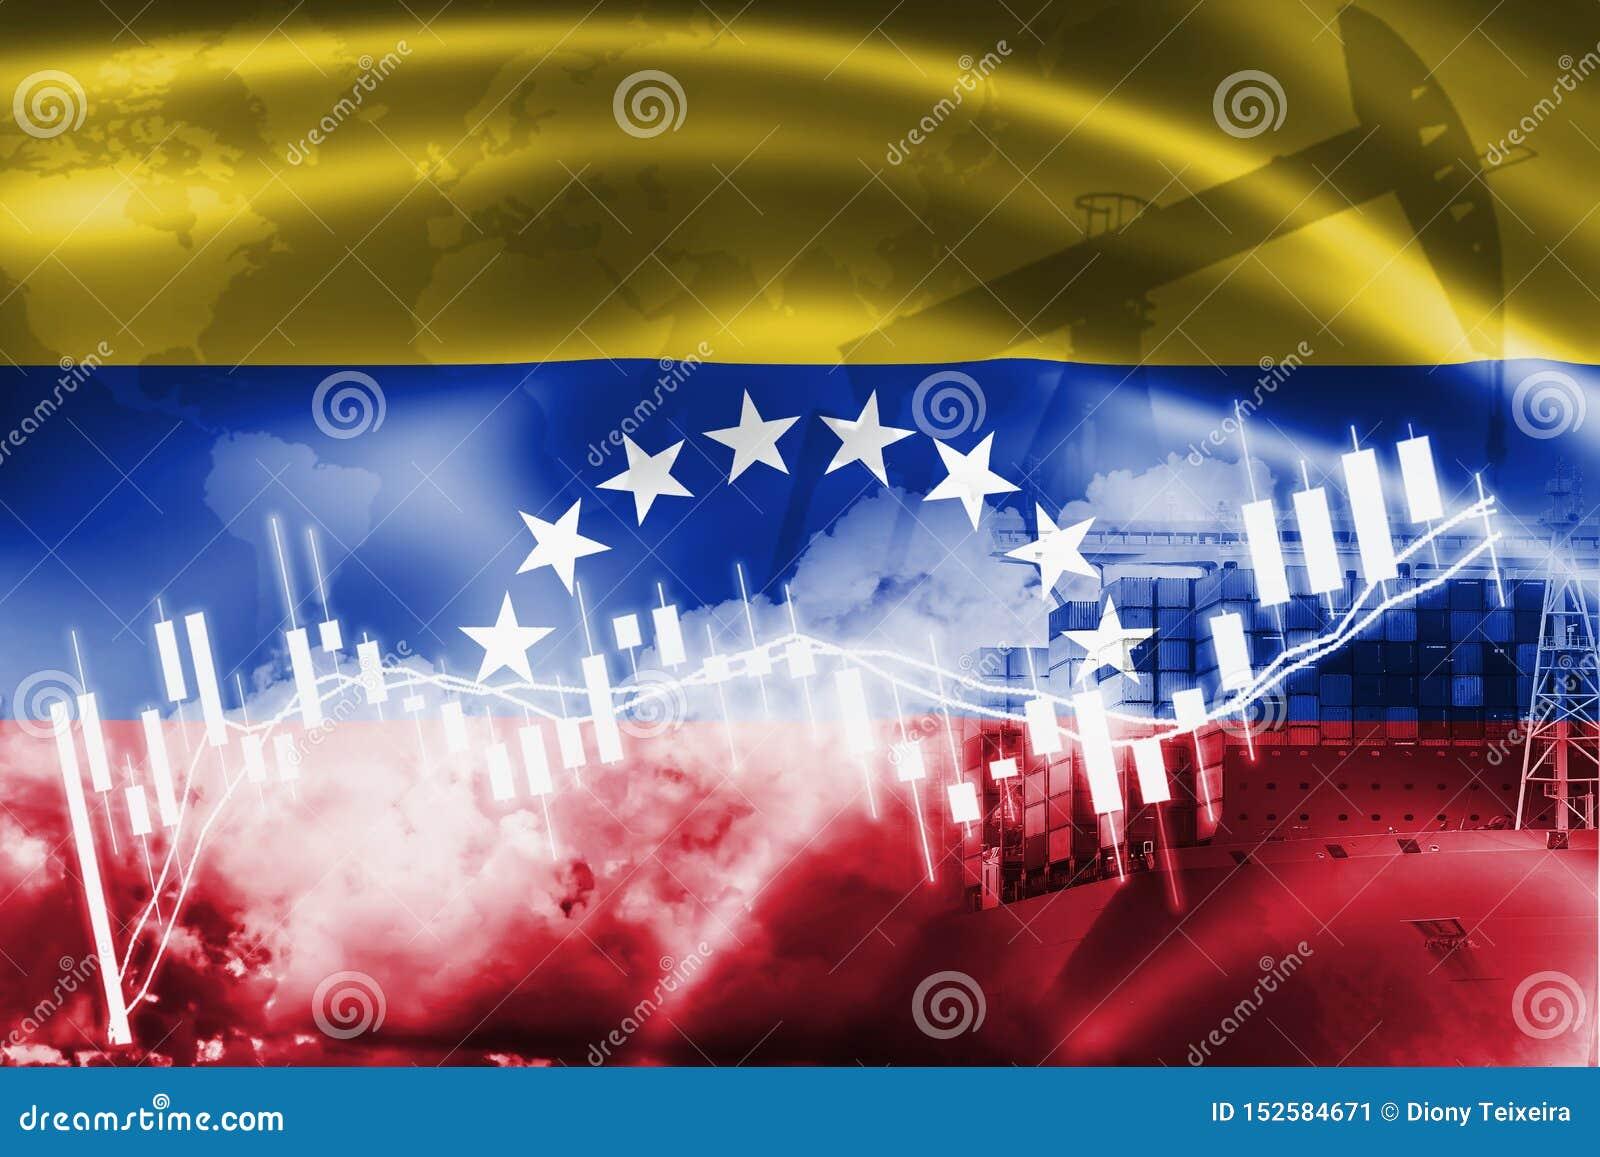 Drapeau du Venezuela, marché boursier, économie d échange et commerce, production de pétrole, navire porte-conteneurs dans des af